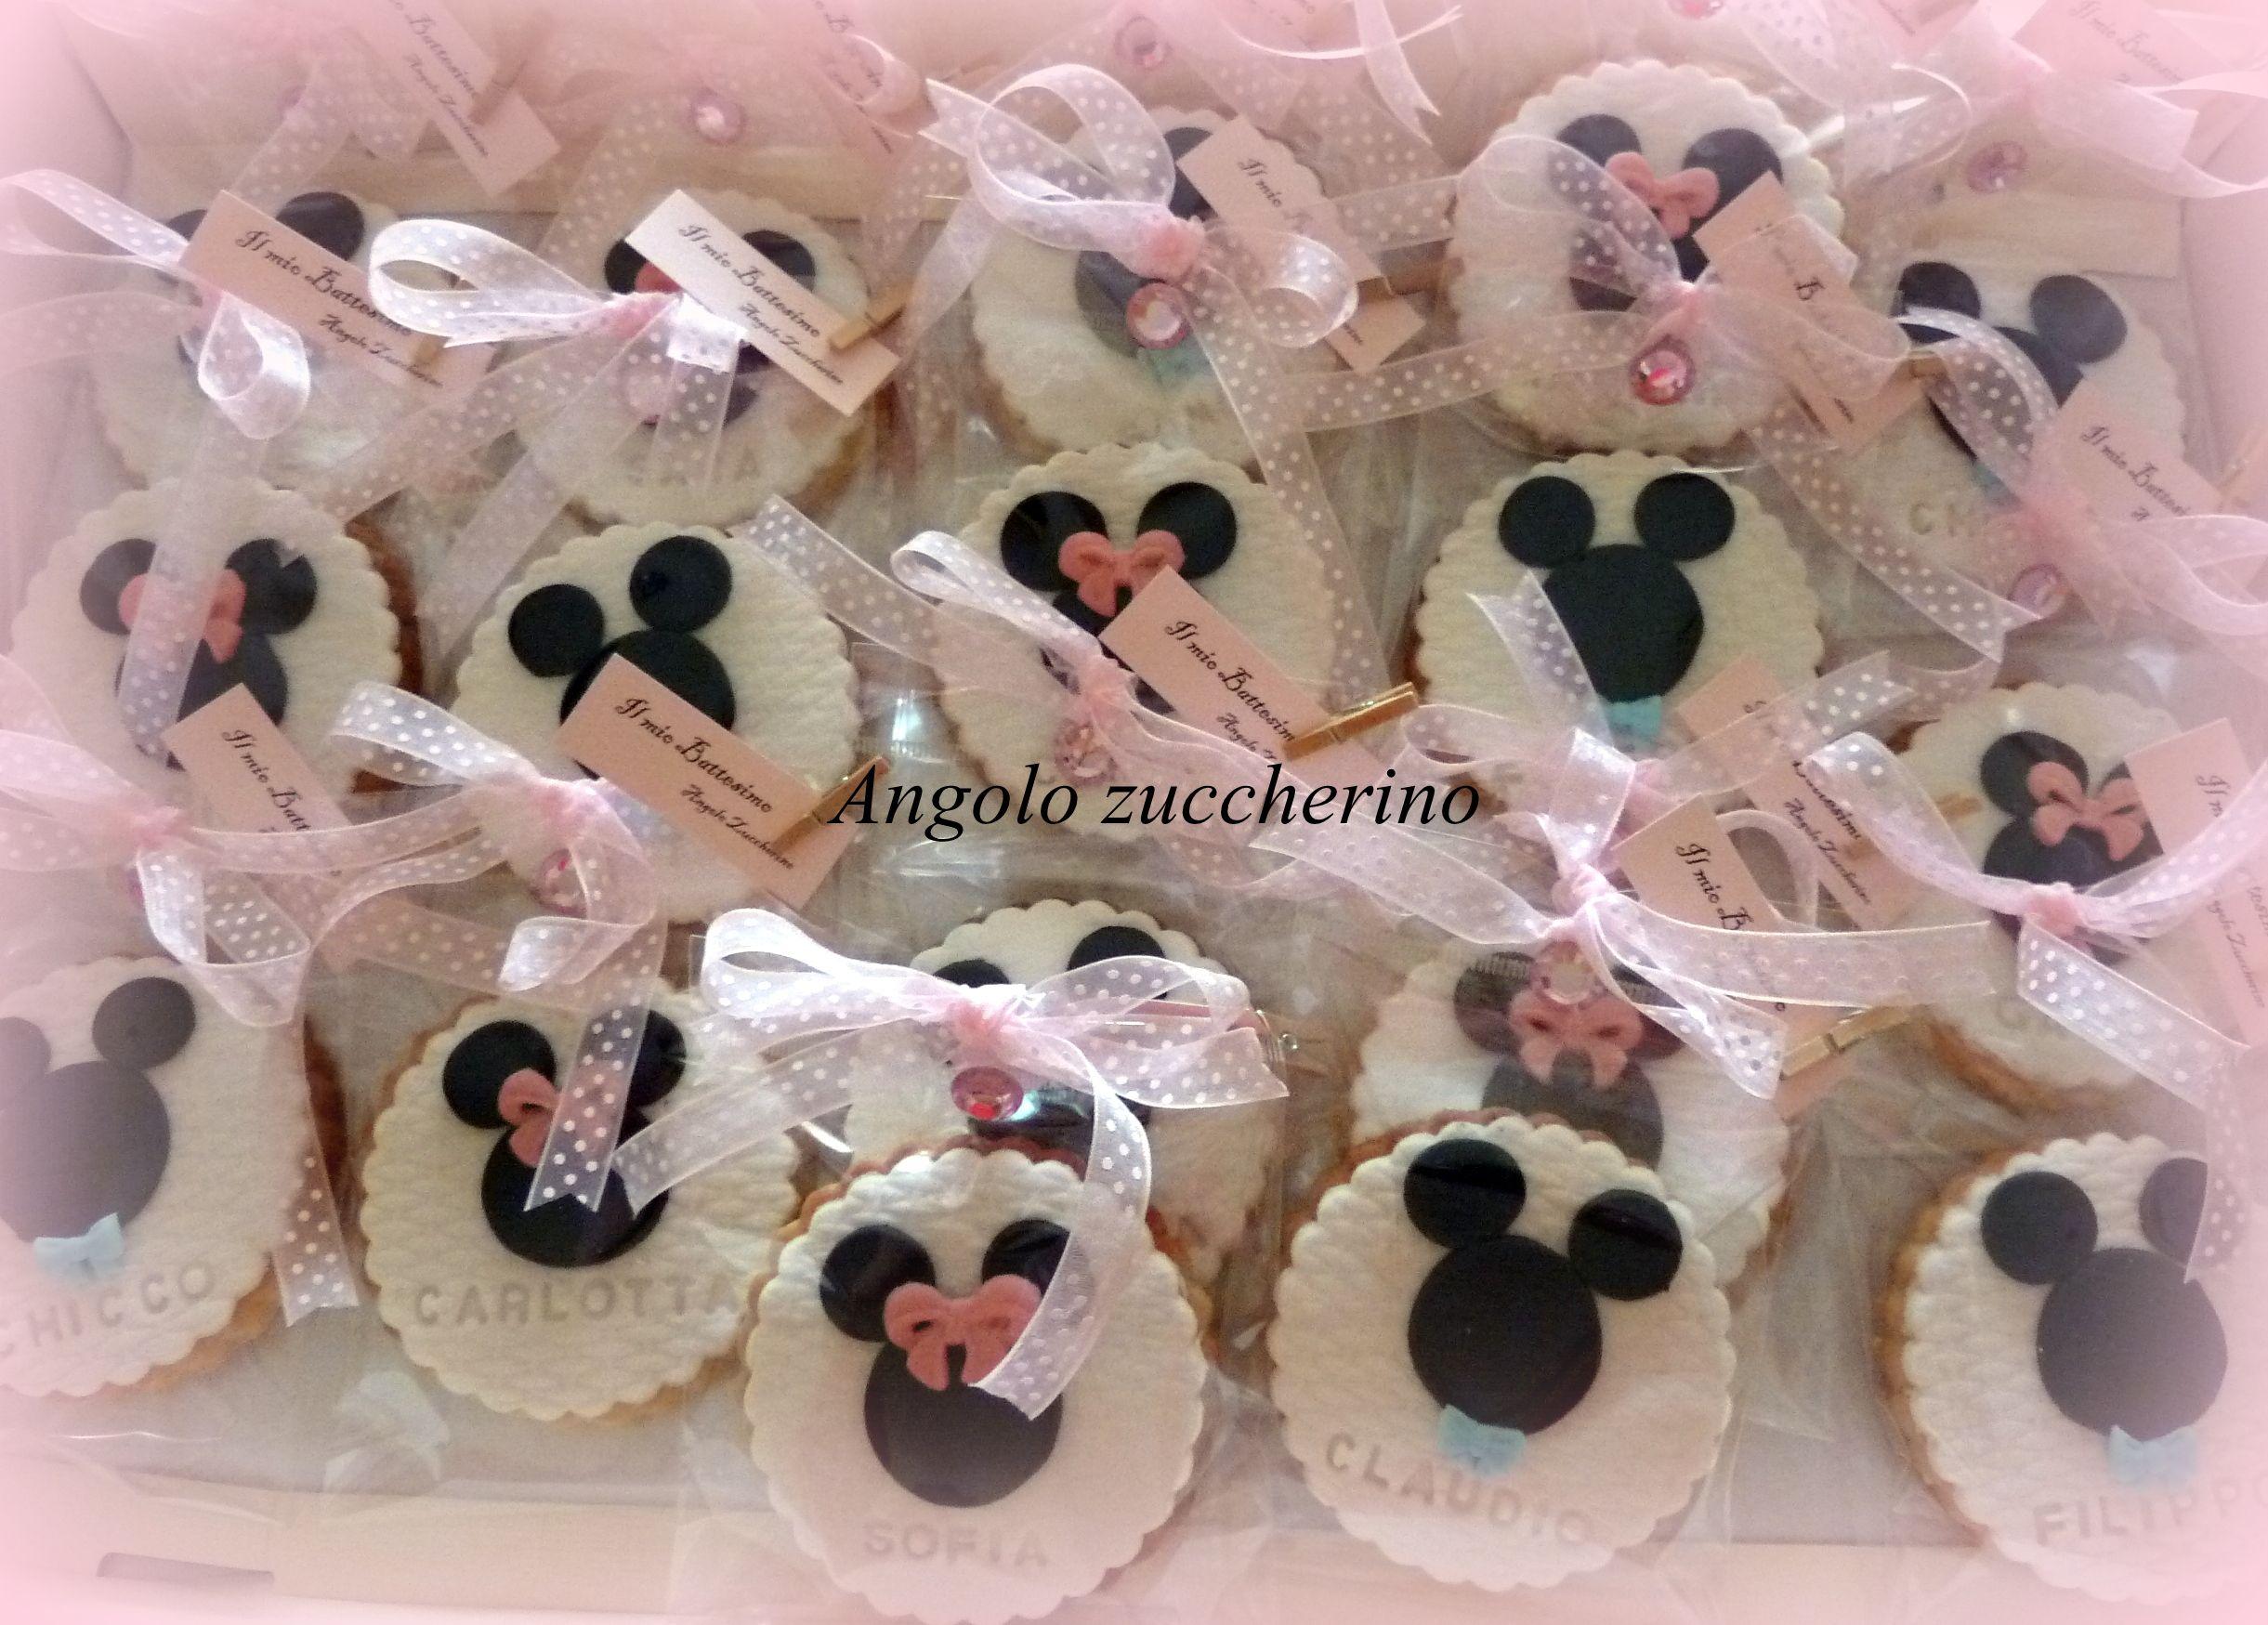 biscotti al burro decorati con pastaa di zucchero come idea biscotti al burro decorati con pastaa di zucchero come idea segnaposto per battesimo